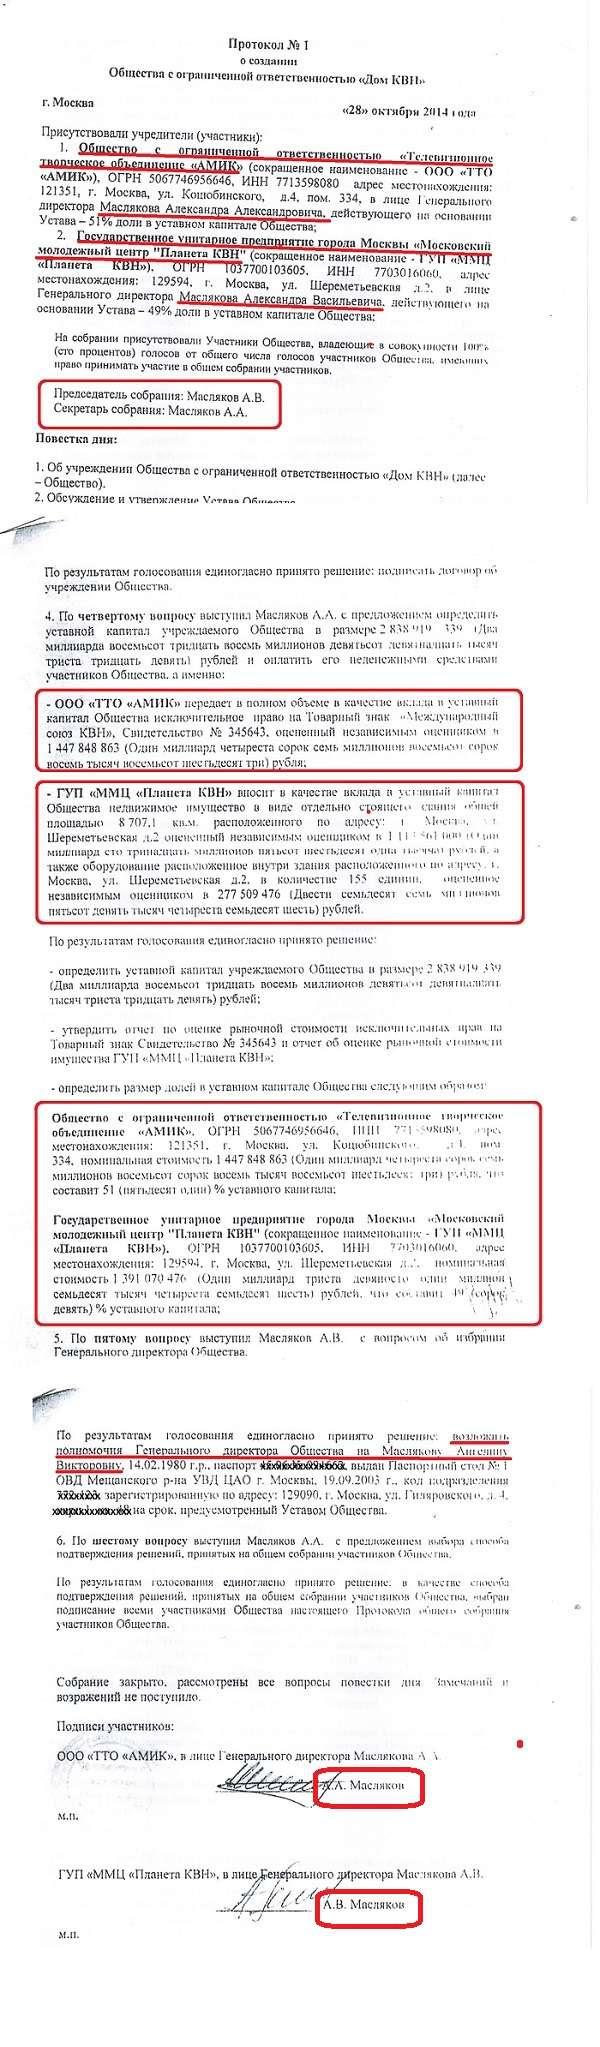 Юмористы в России воруют много и весело